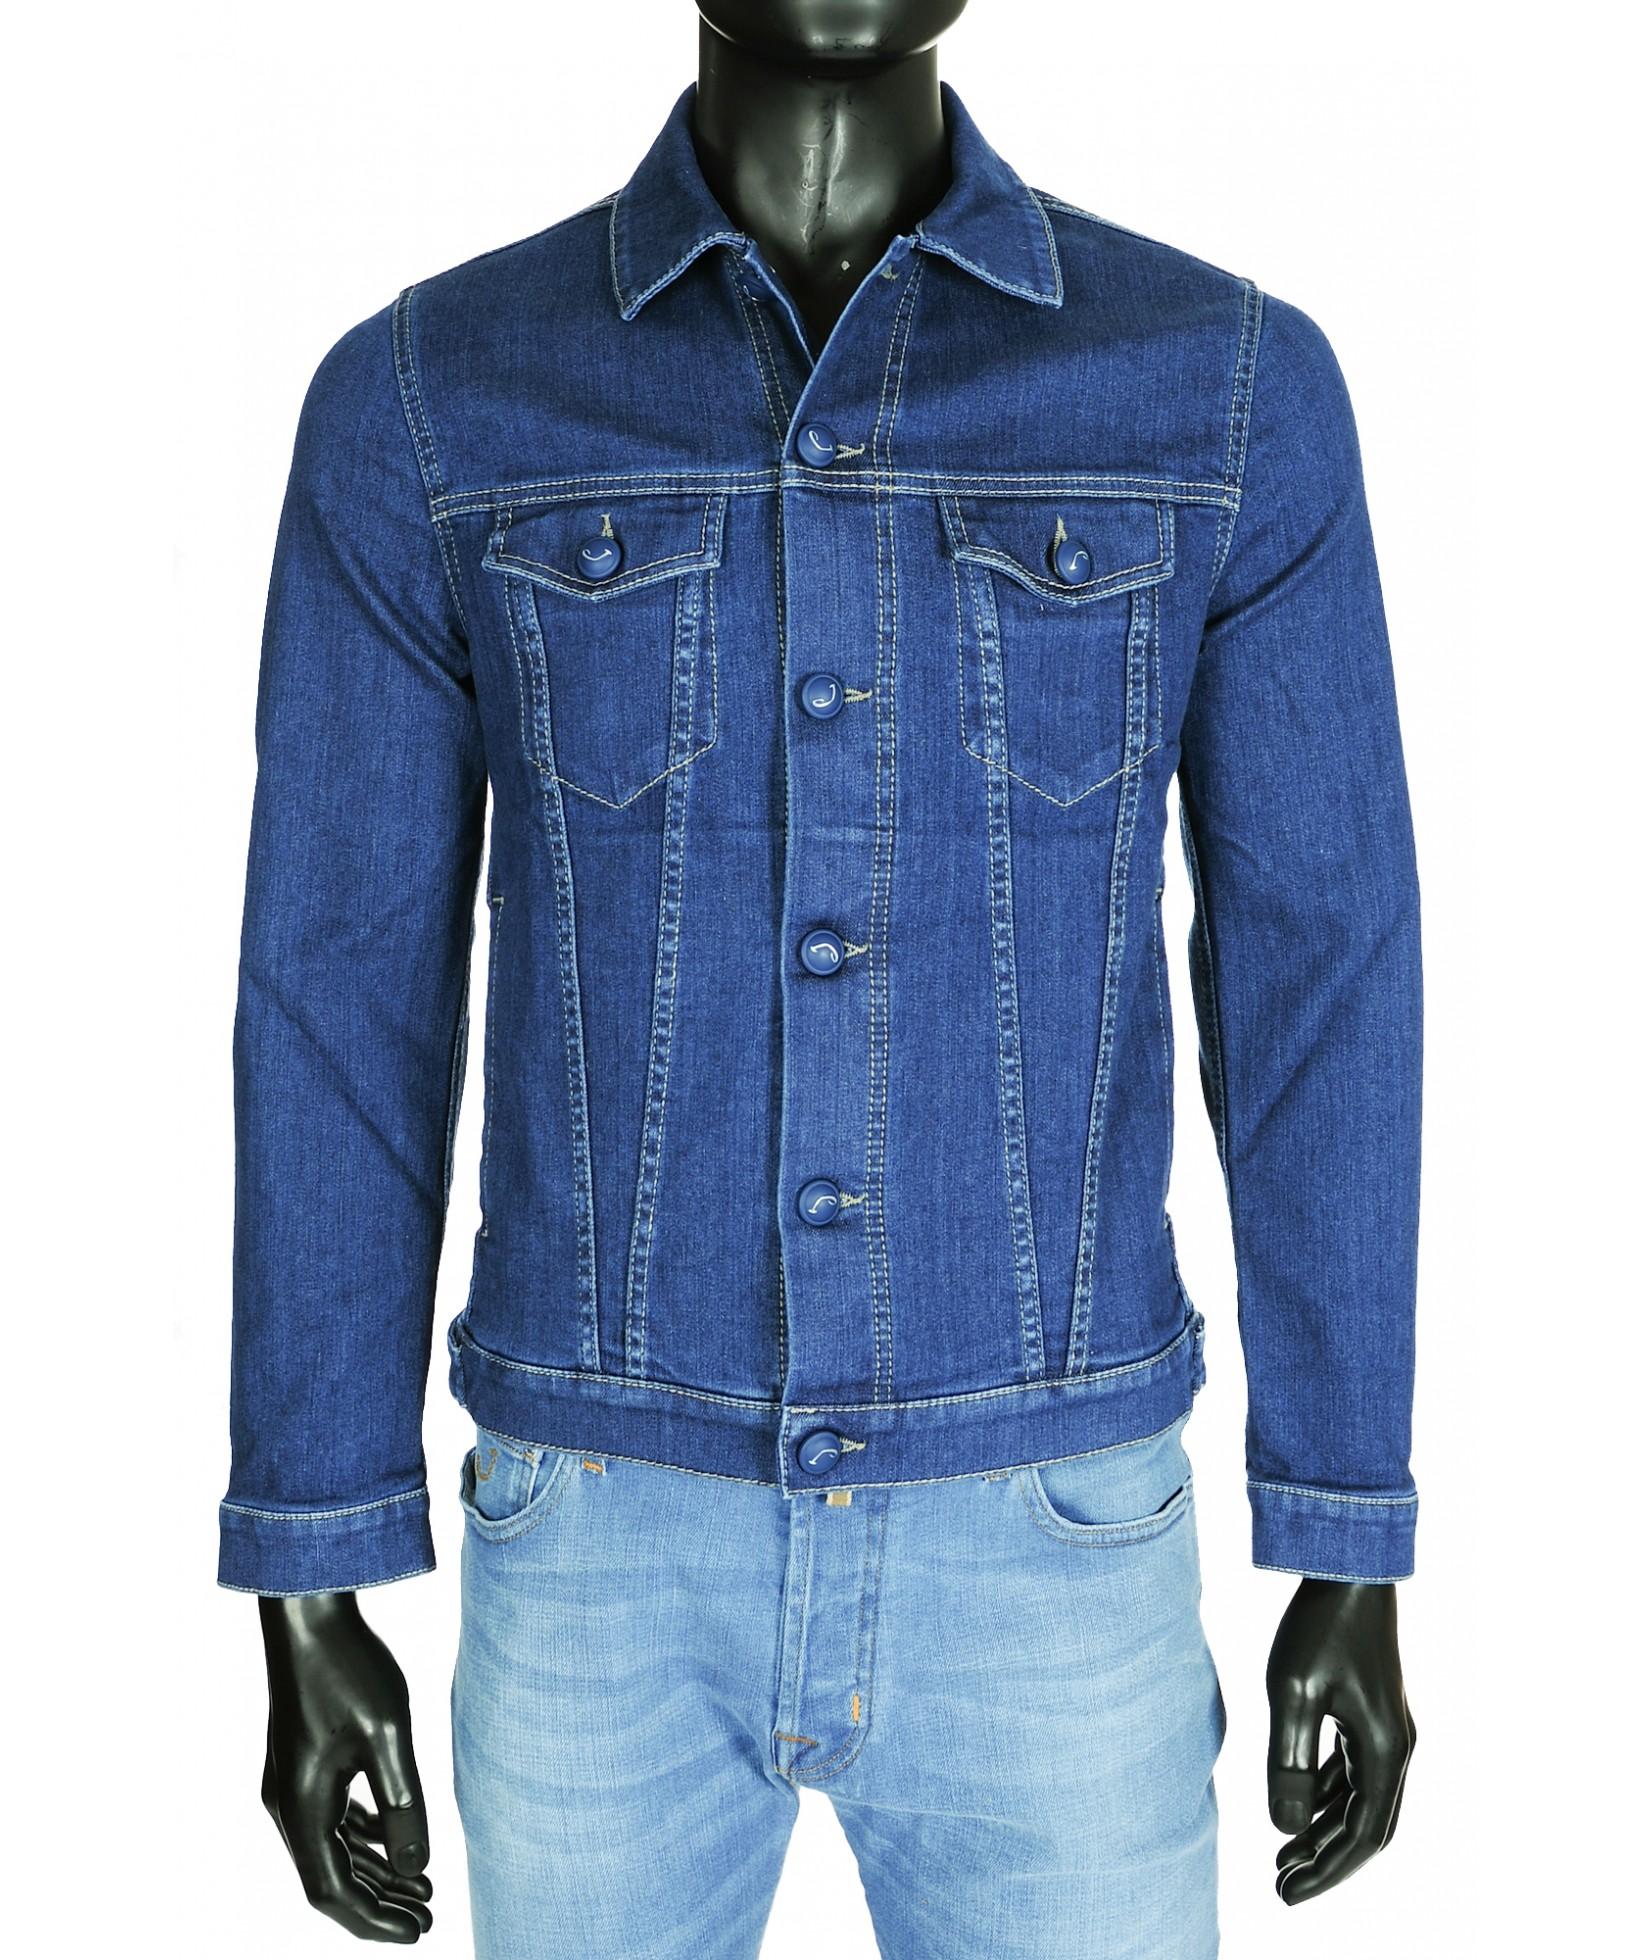 Jacob Cohen Jeans Jack J8064 (30439)